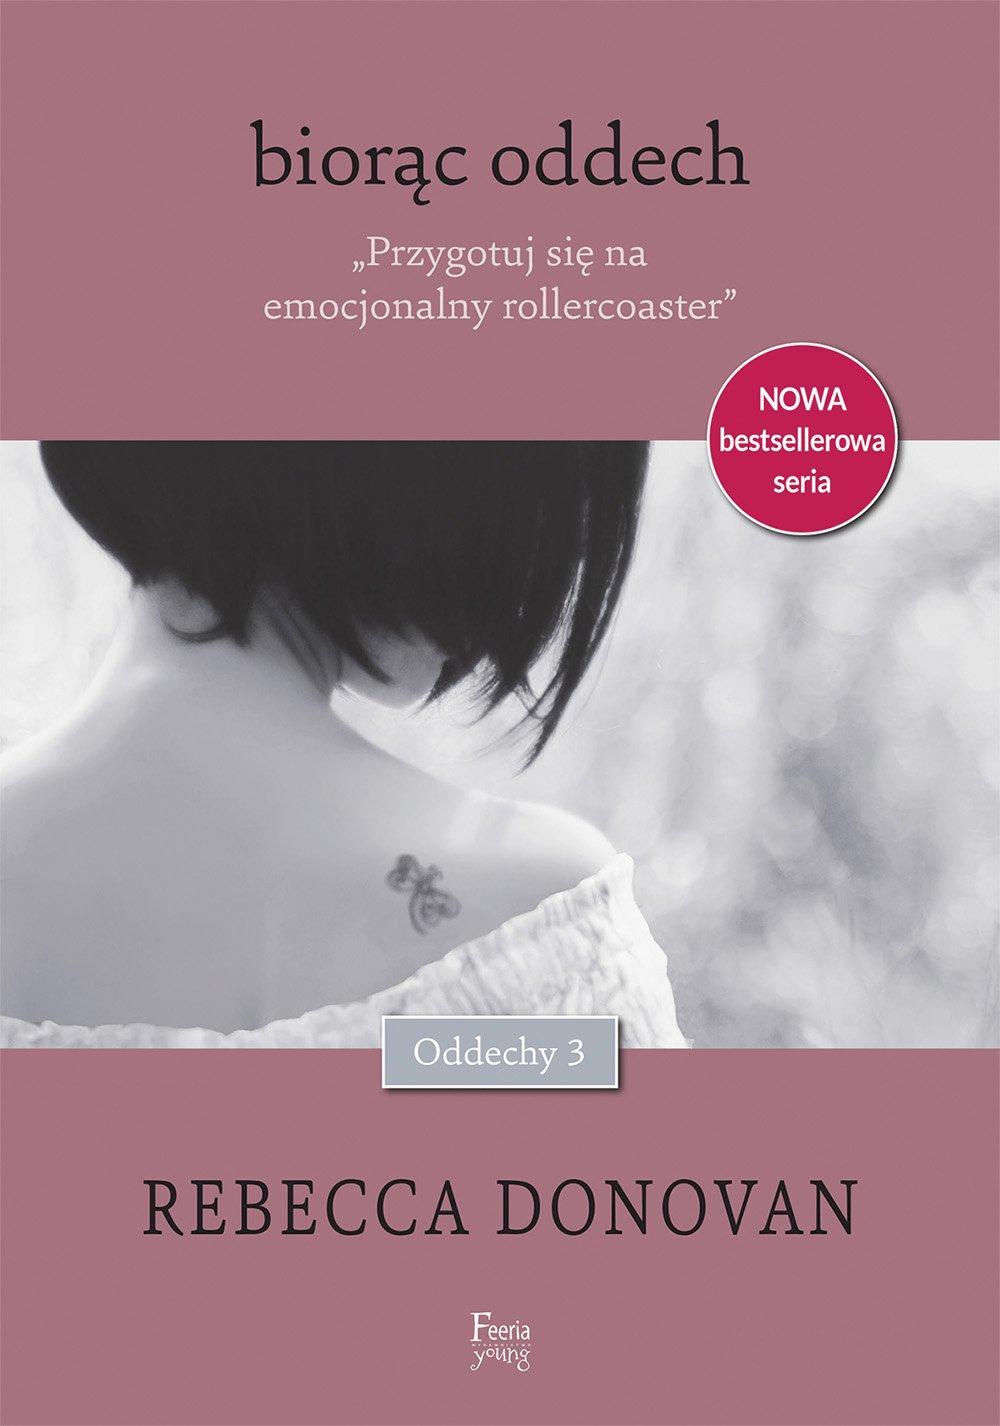 Biorąc oddech - Ebook (Książka na Kindle) do pobrania w formacie MOBI